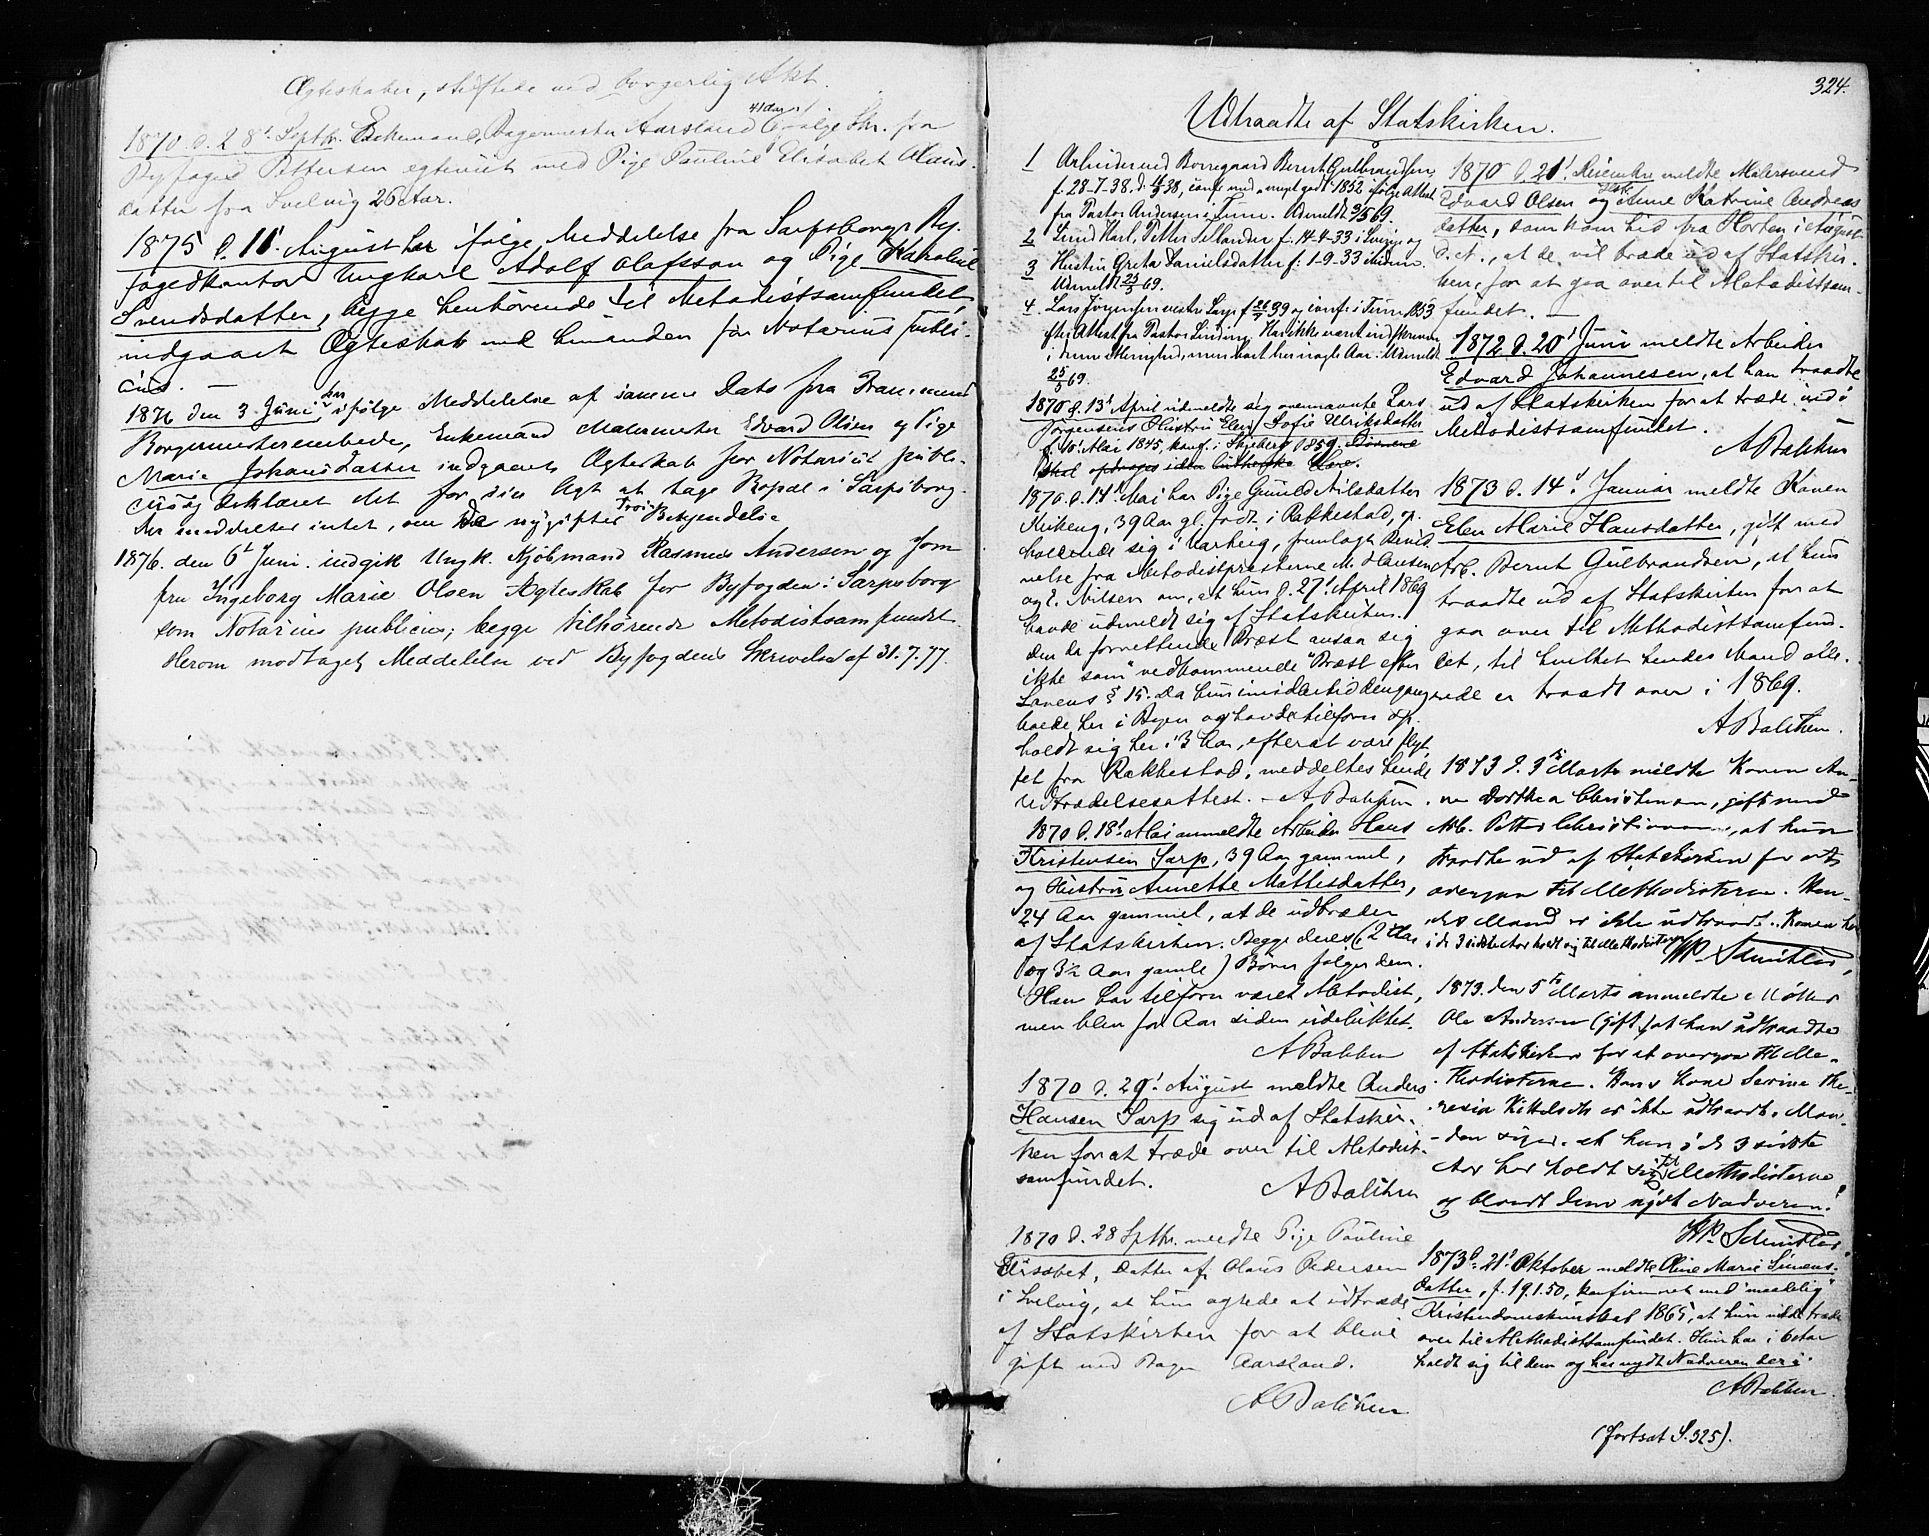 SAO, Sarpsborg prestekontor Kirkebøker, F/Fa/L0002: Ministerialbok nr. 2, 1869-1877, s. 324